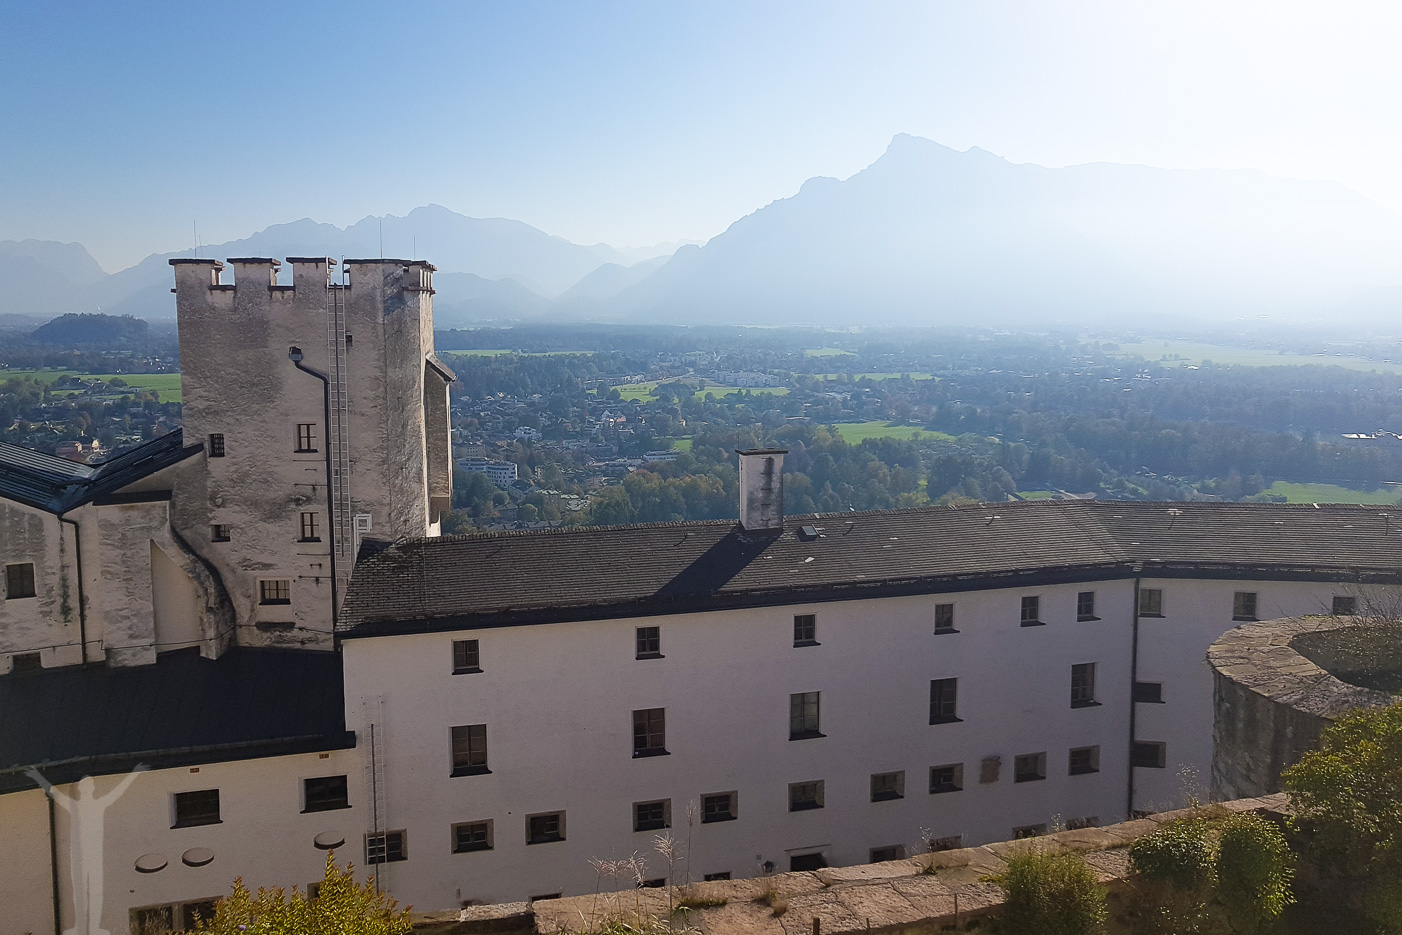 Alputsikt på Hohensalzburg